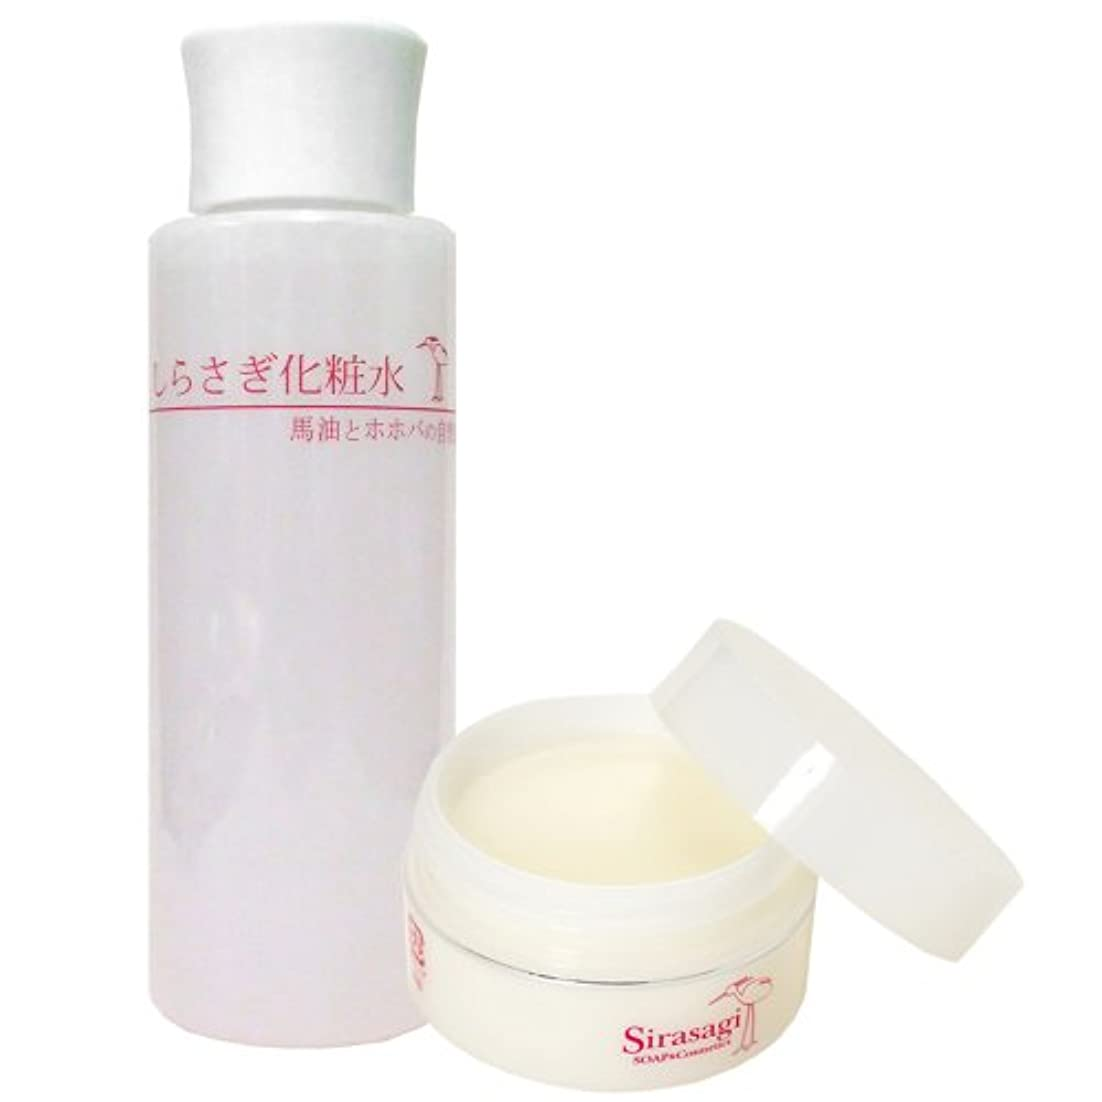 に付ける静脈不利益しらさぎクリーム(ラベンダーとローズウッドの香り)としらさぎ化粧水のセット